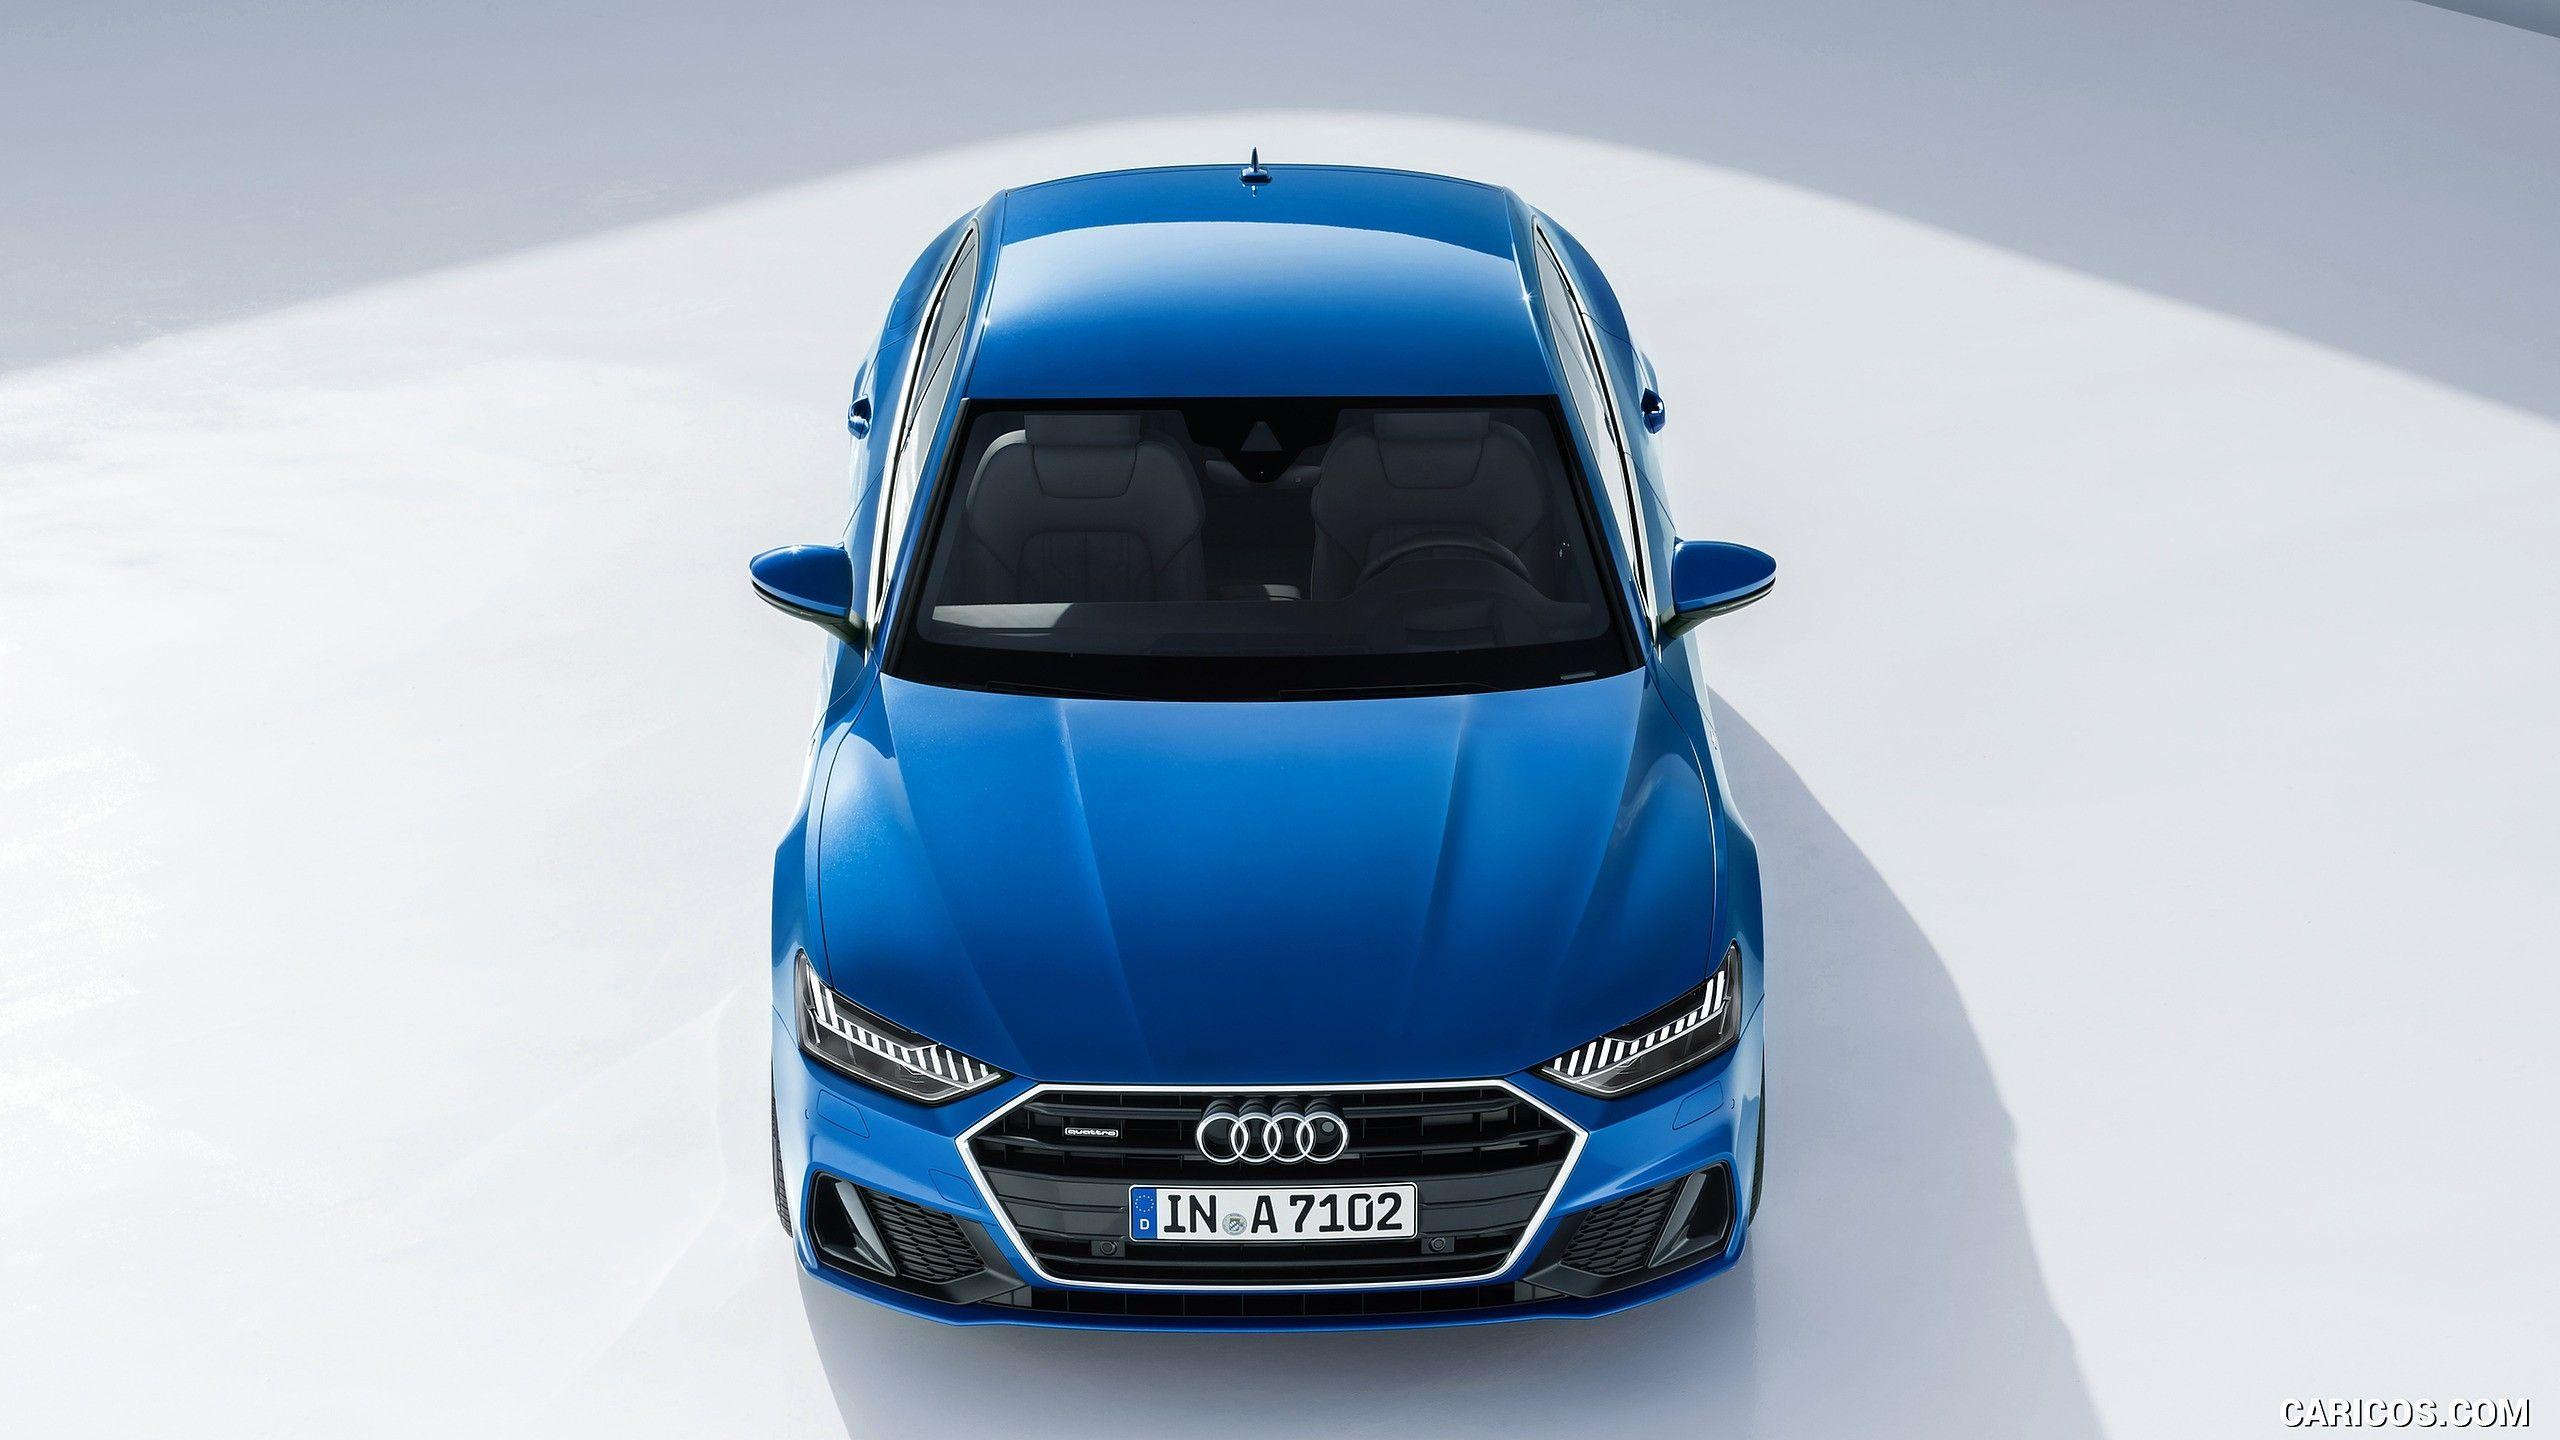 2019 Audi Colors First Drive Audi A7 Audi A7 Sportback Audi